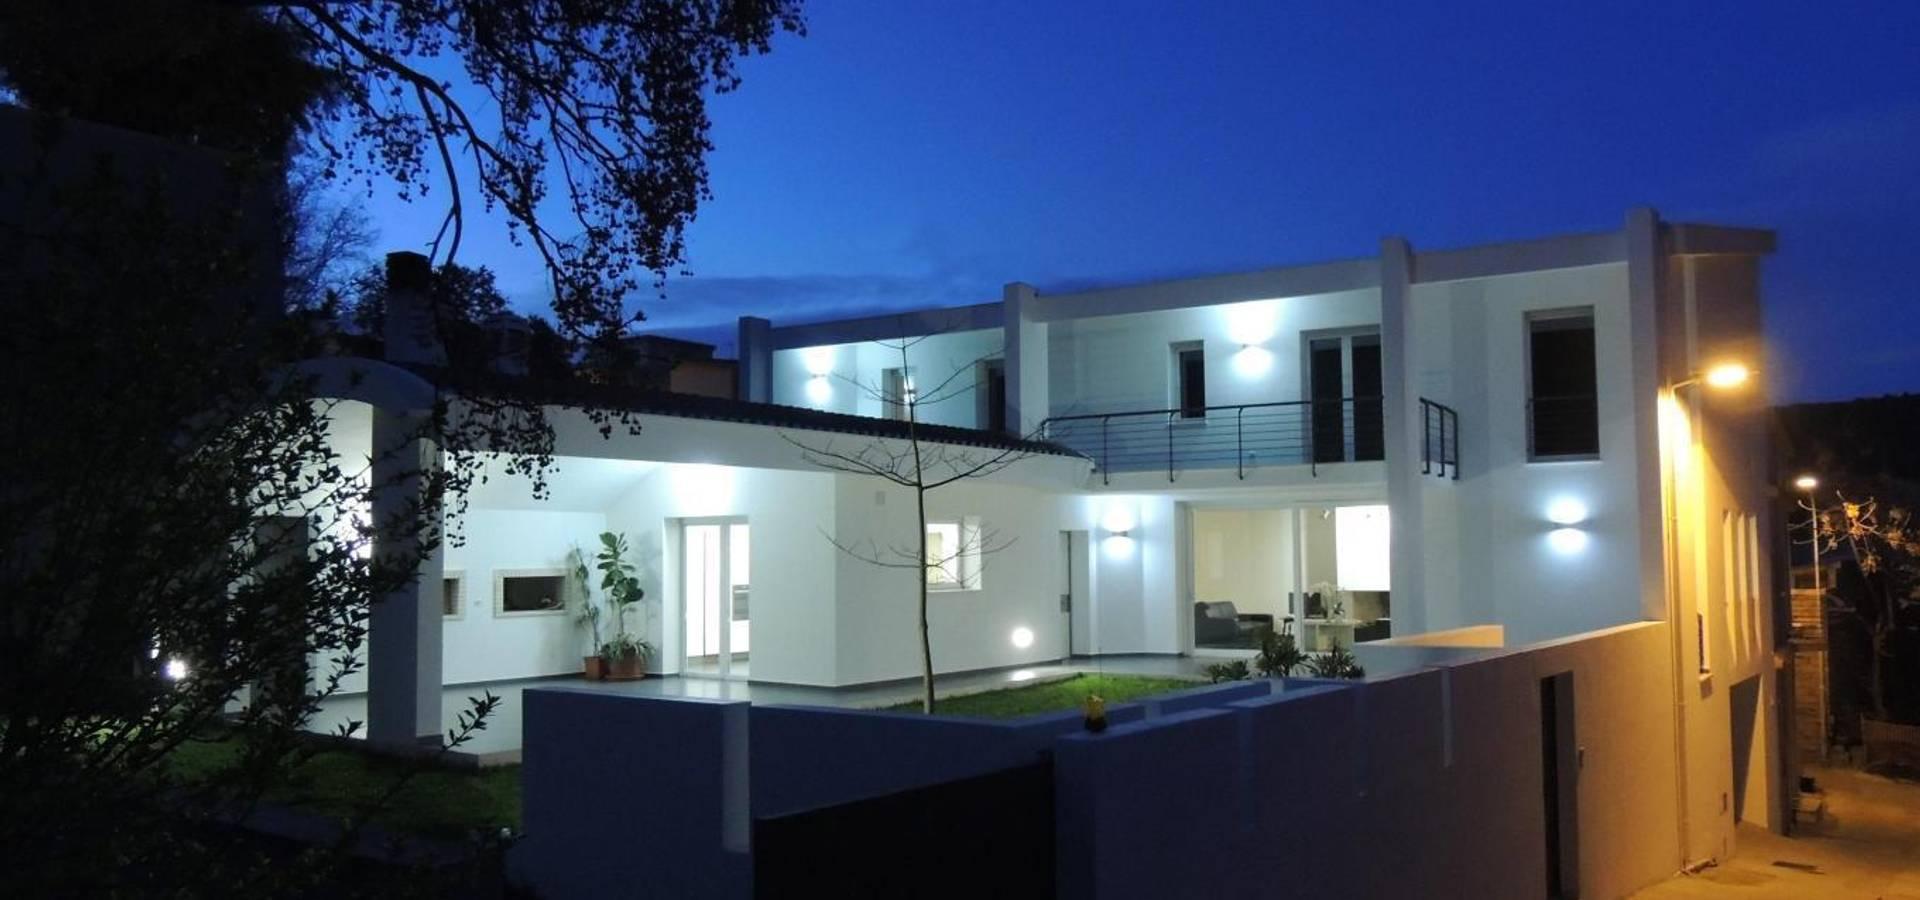 Sergio Aruanno Studio di architettura